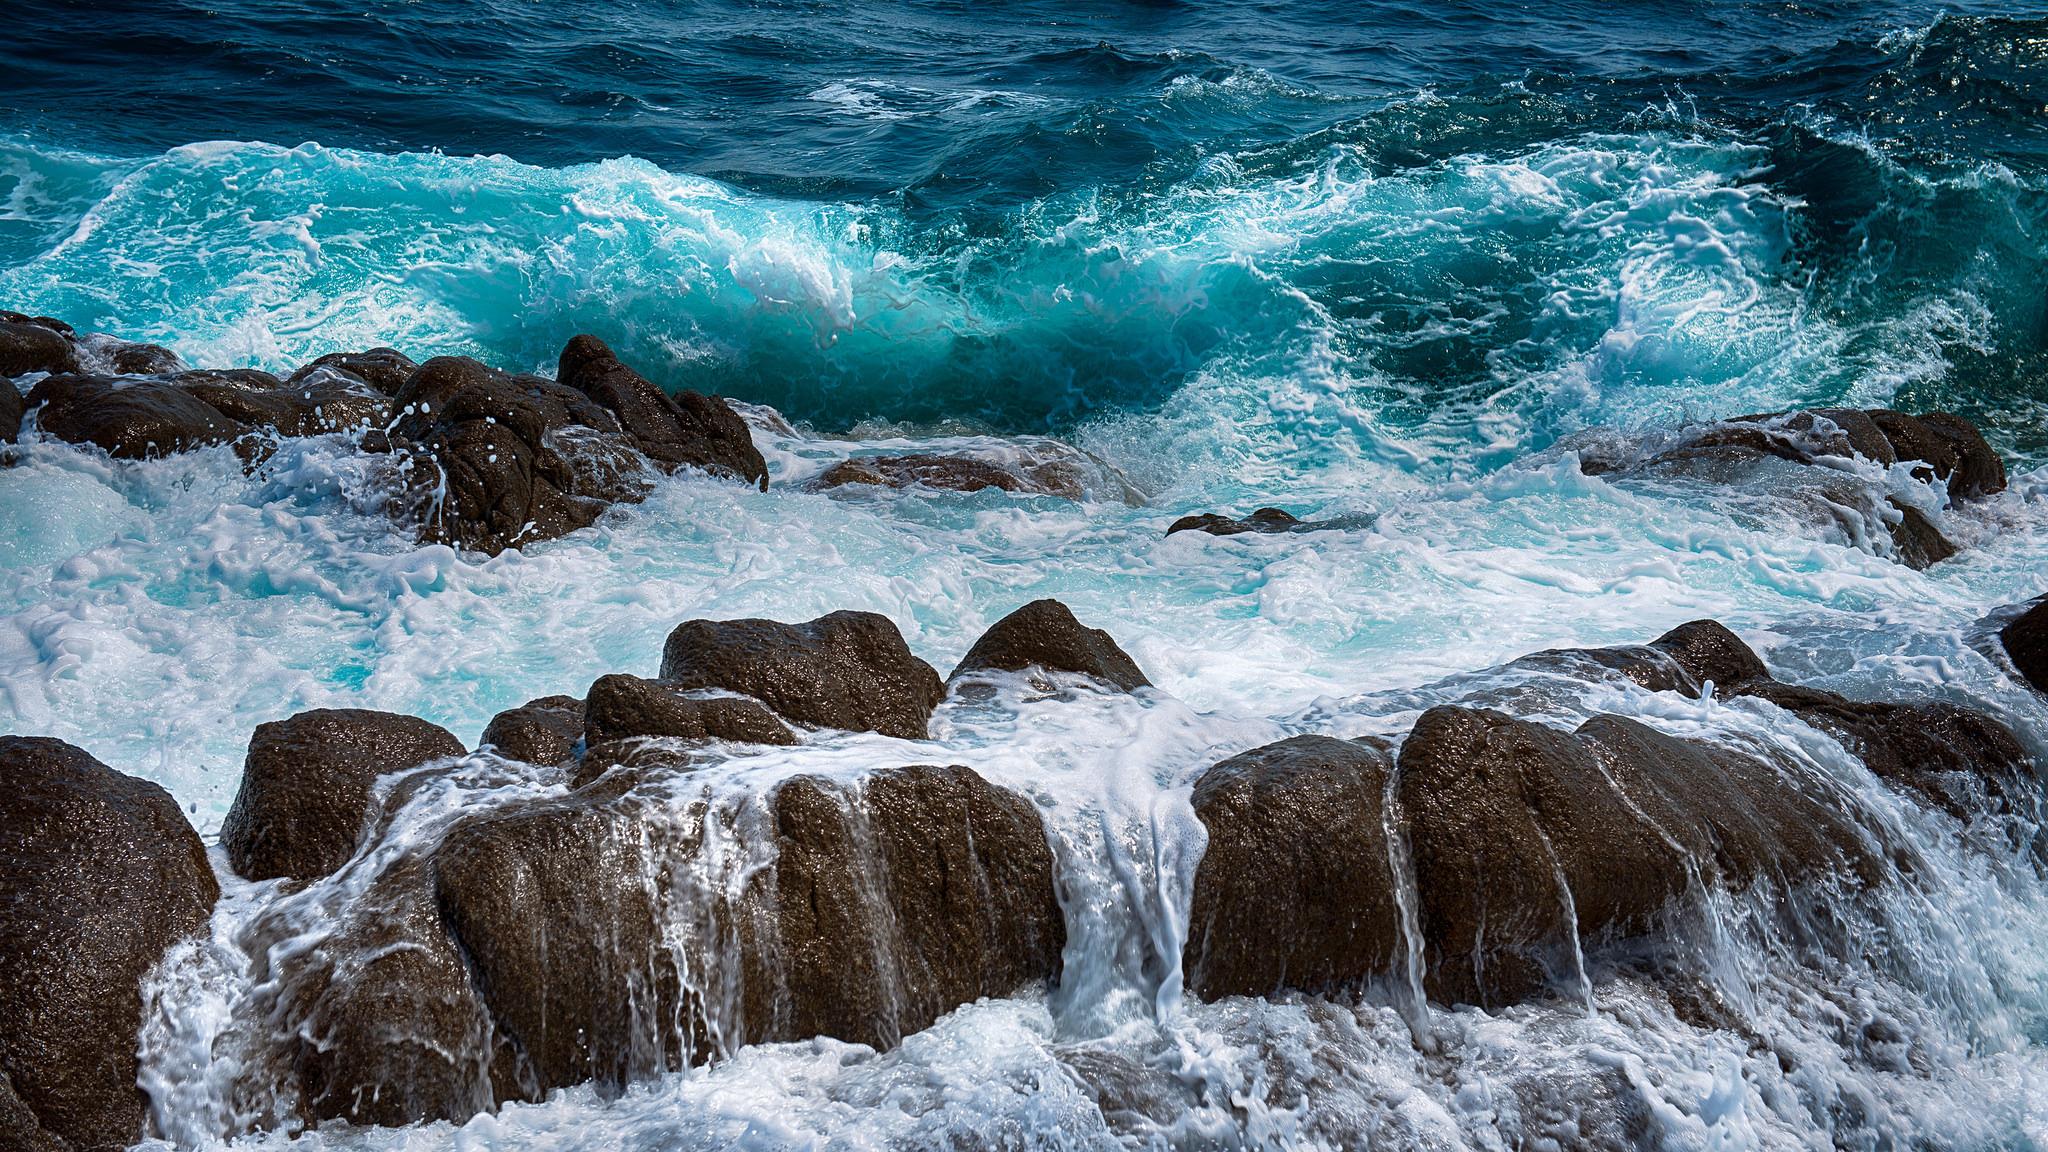 Wallpaper Sea Rocks Spray Surf Foam 2048x1152 Wallpaperup 999722 Hd Wallpapers Wallhere